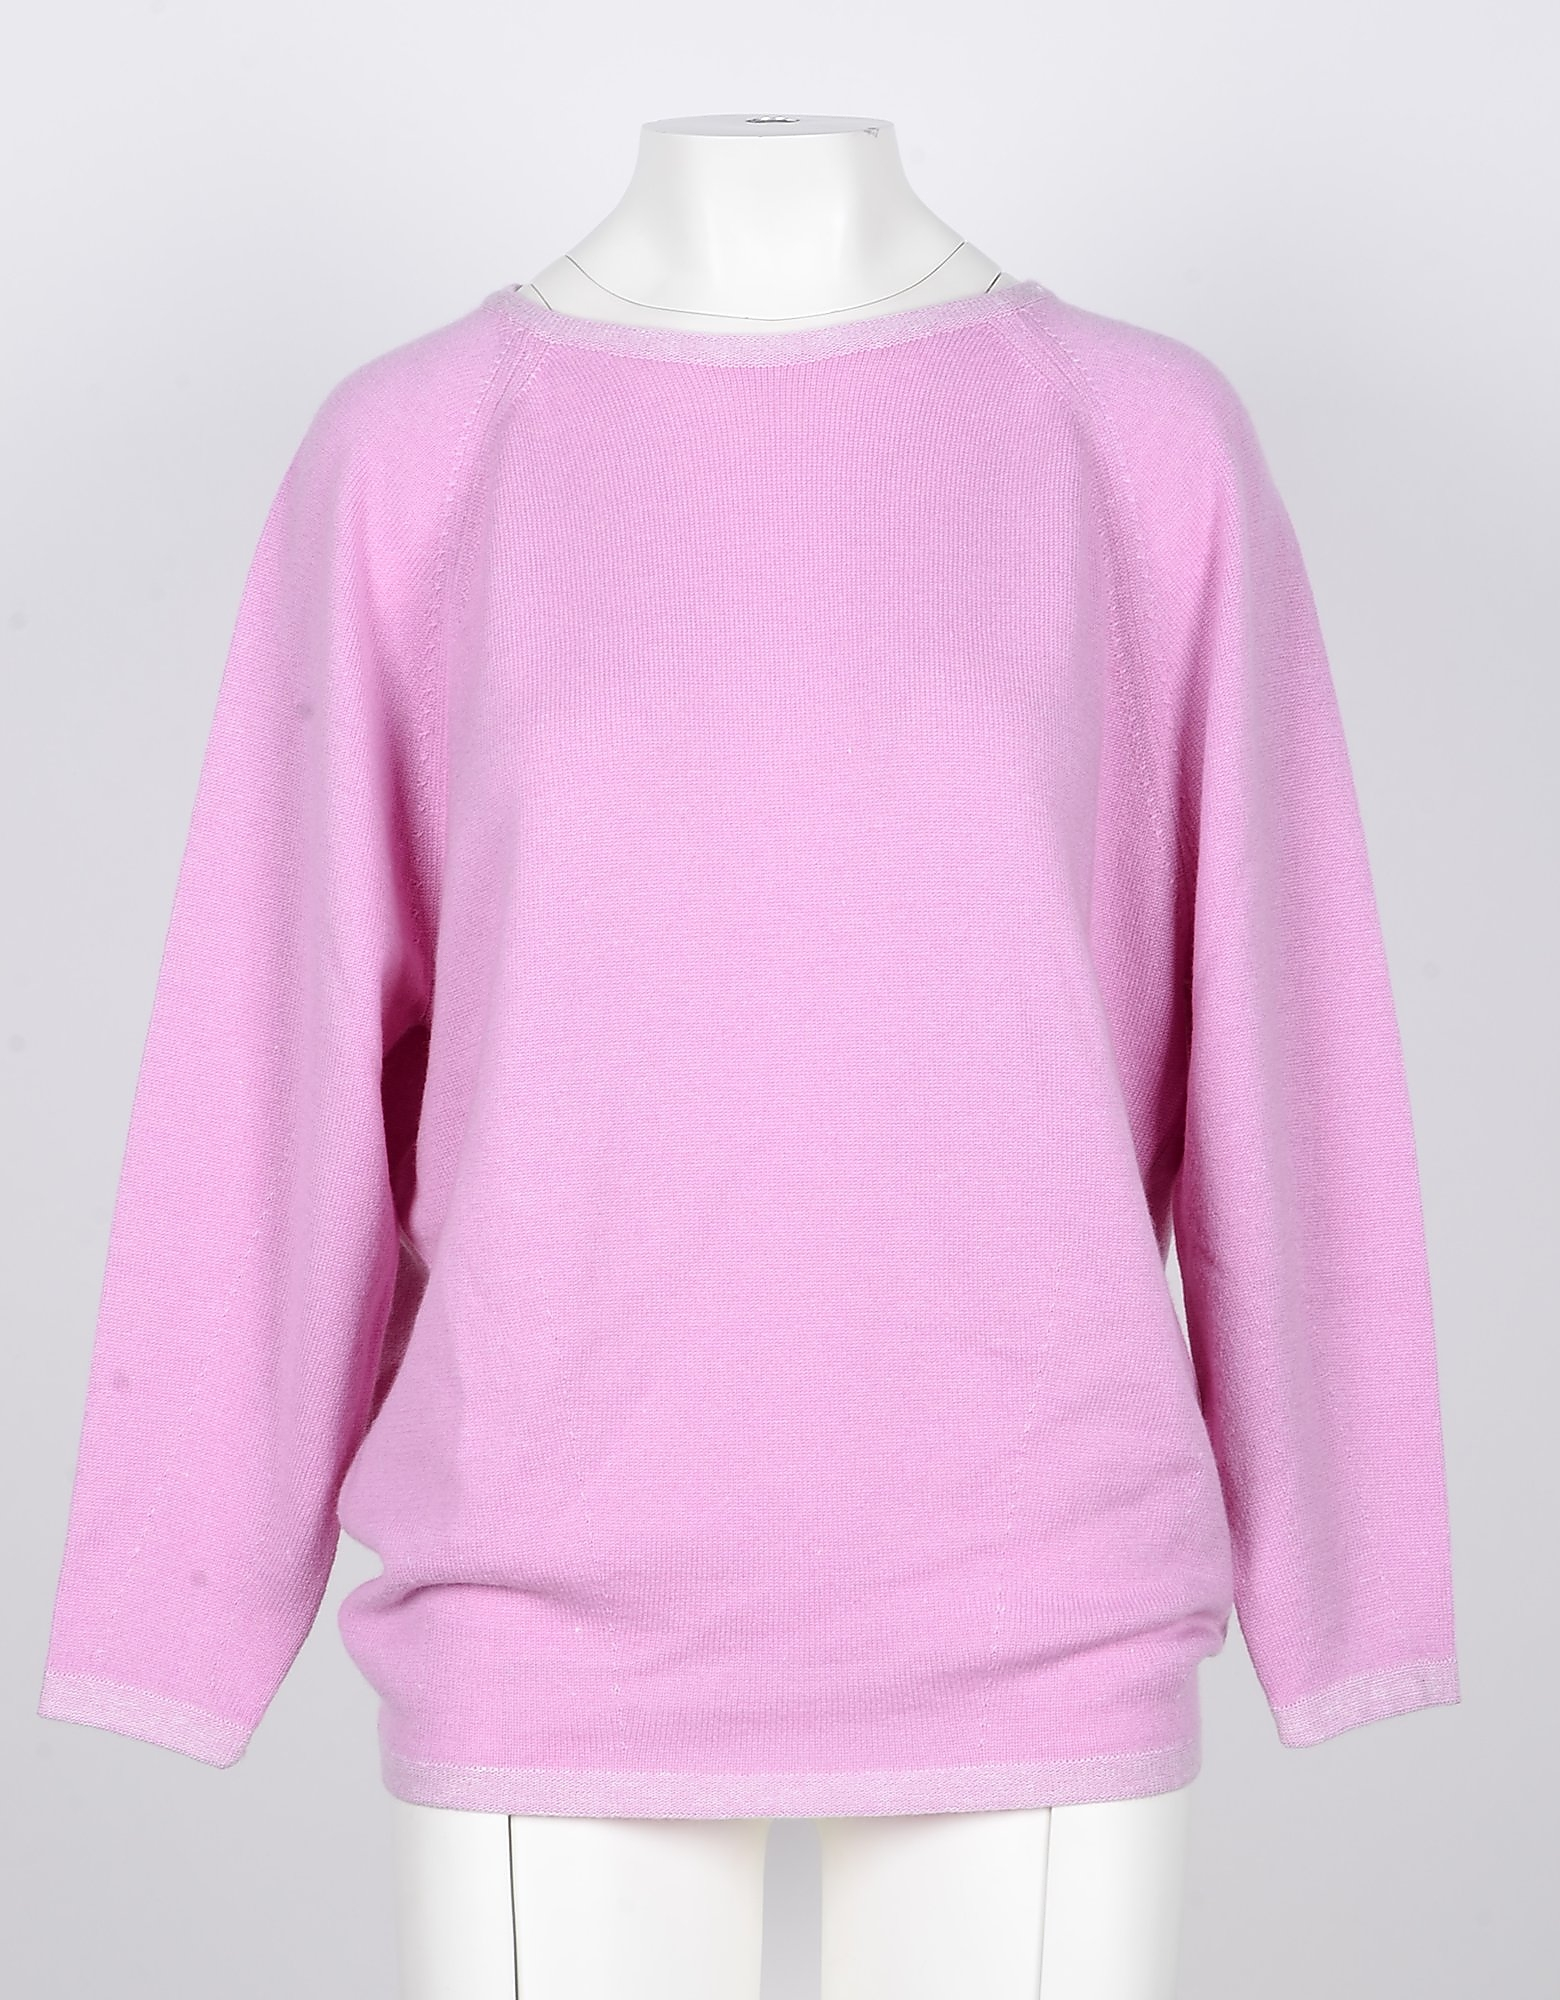 Lamberto Losani Knitwear, Pink Cashmere, Linen and Silk Women's Sweater